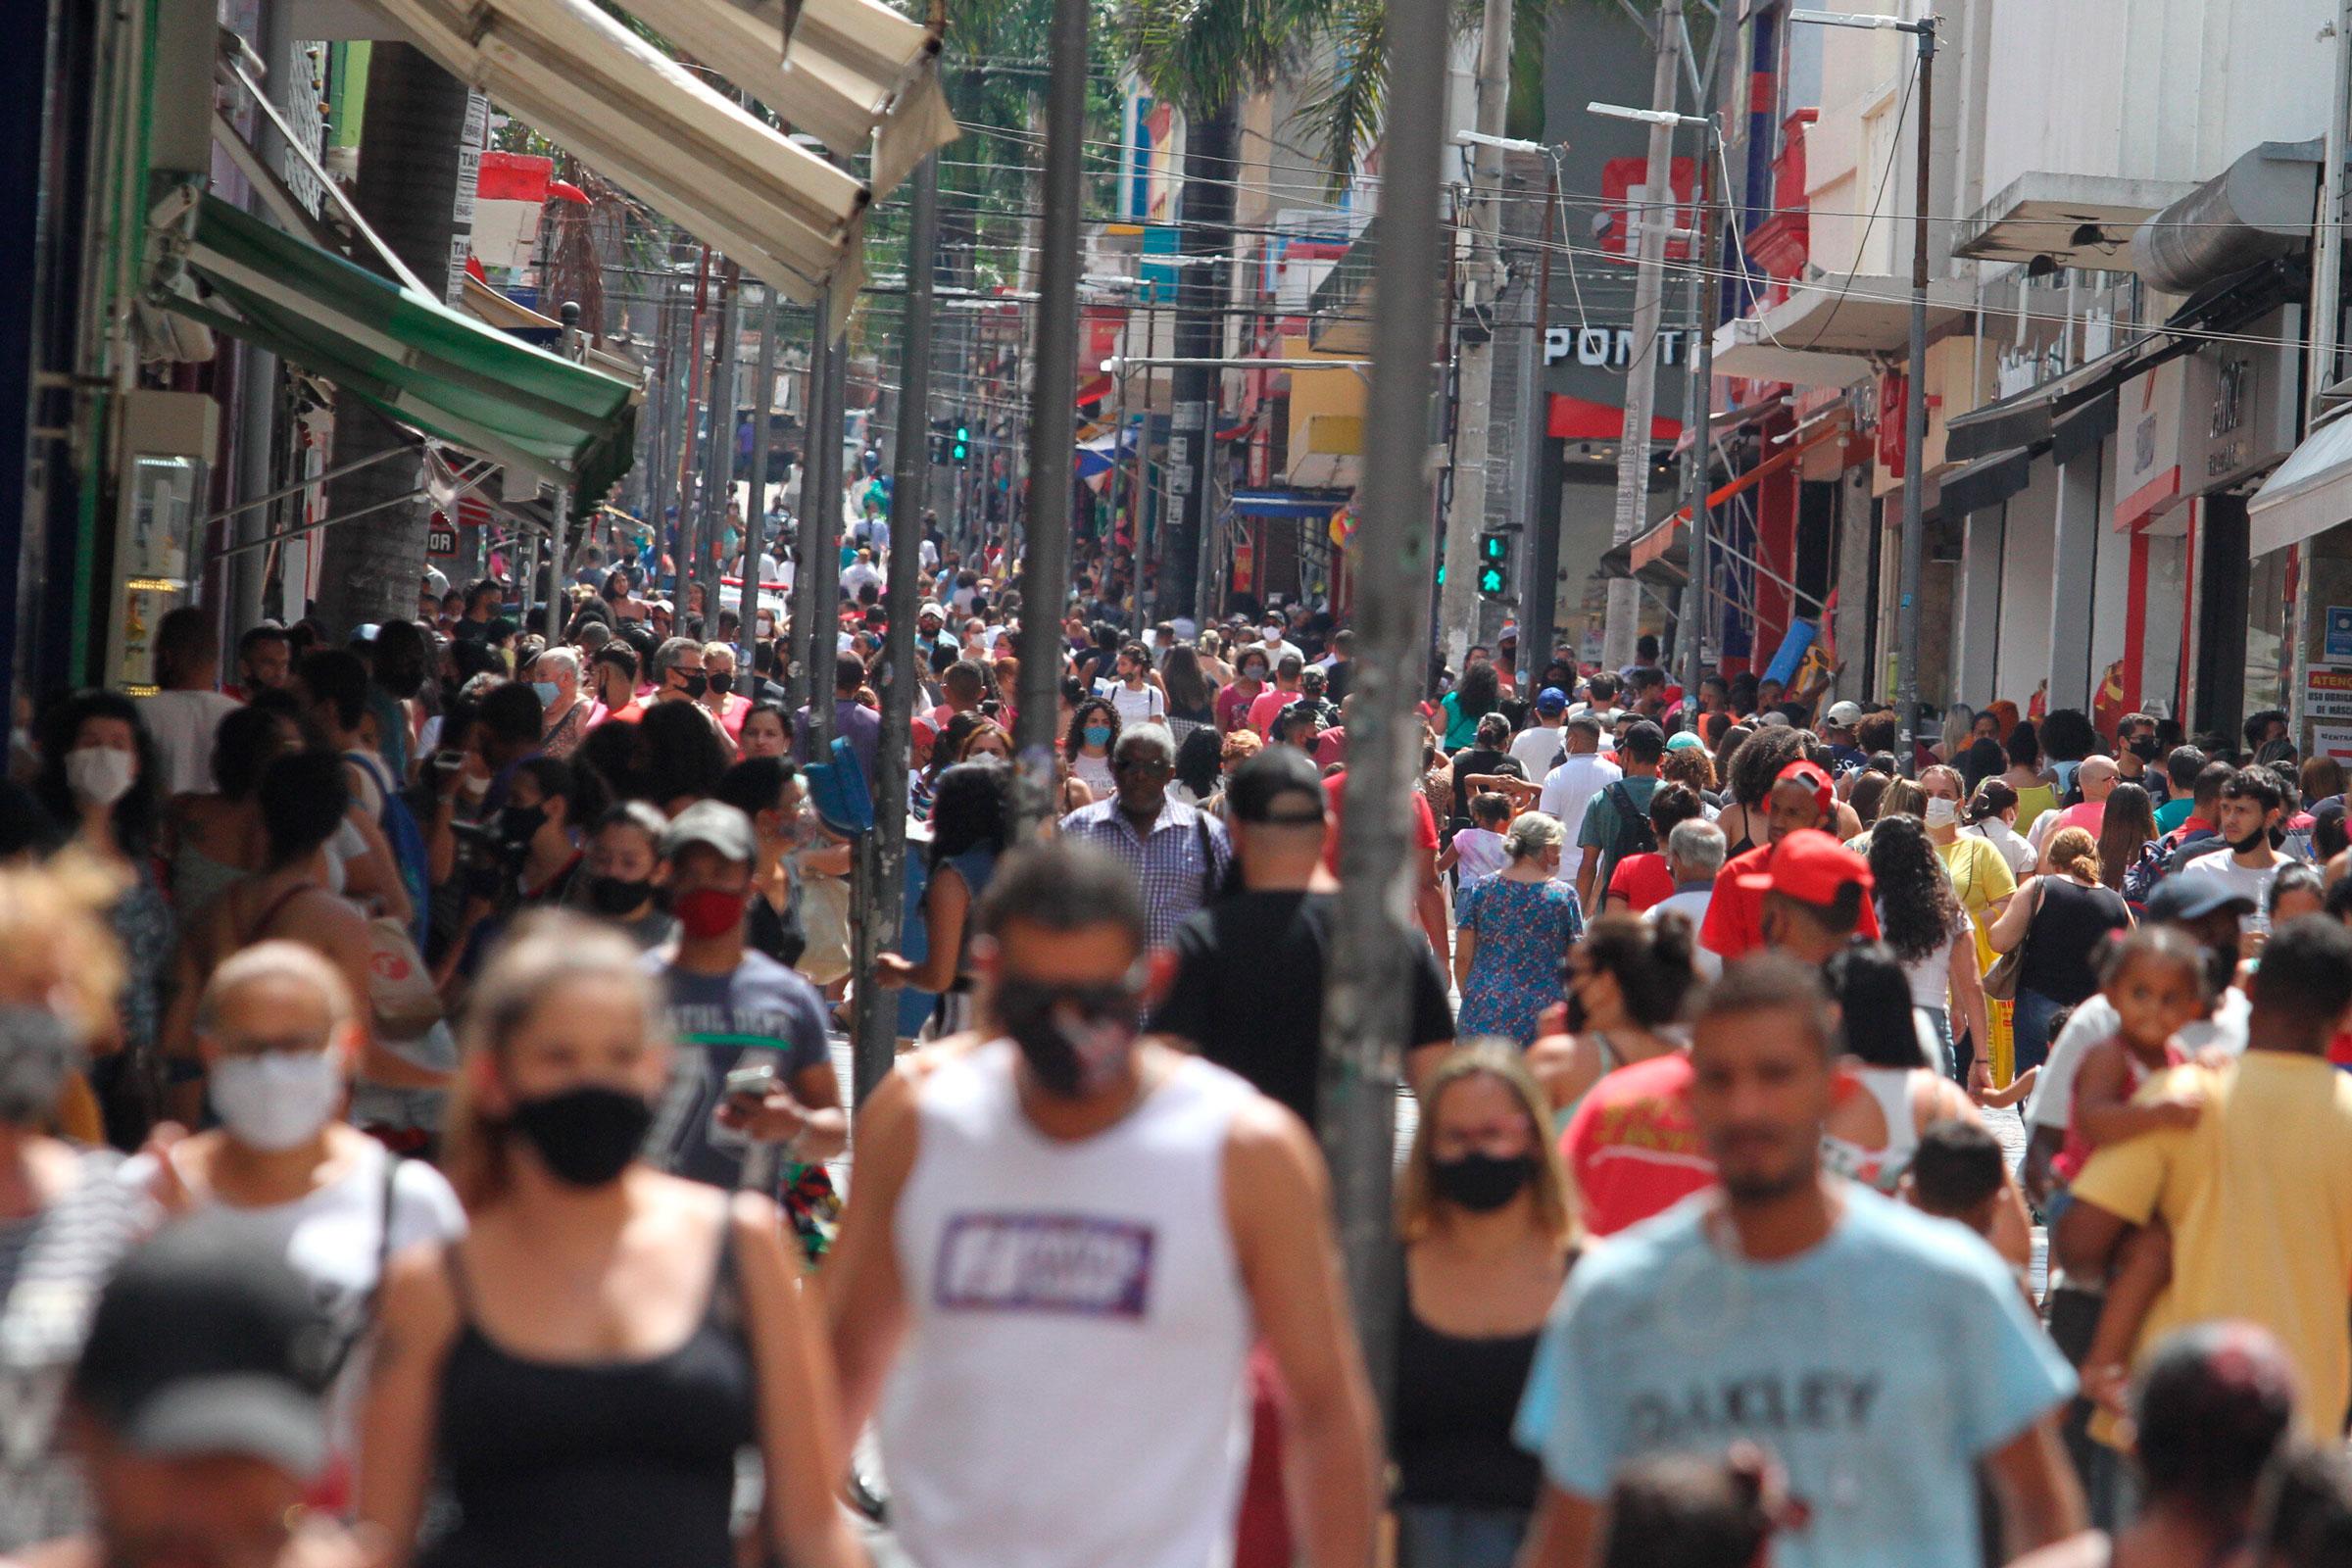 Movimentação na região central de Campinas  em meio a pandemia da Covid-19